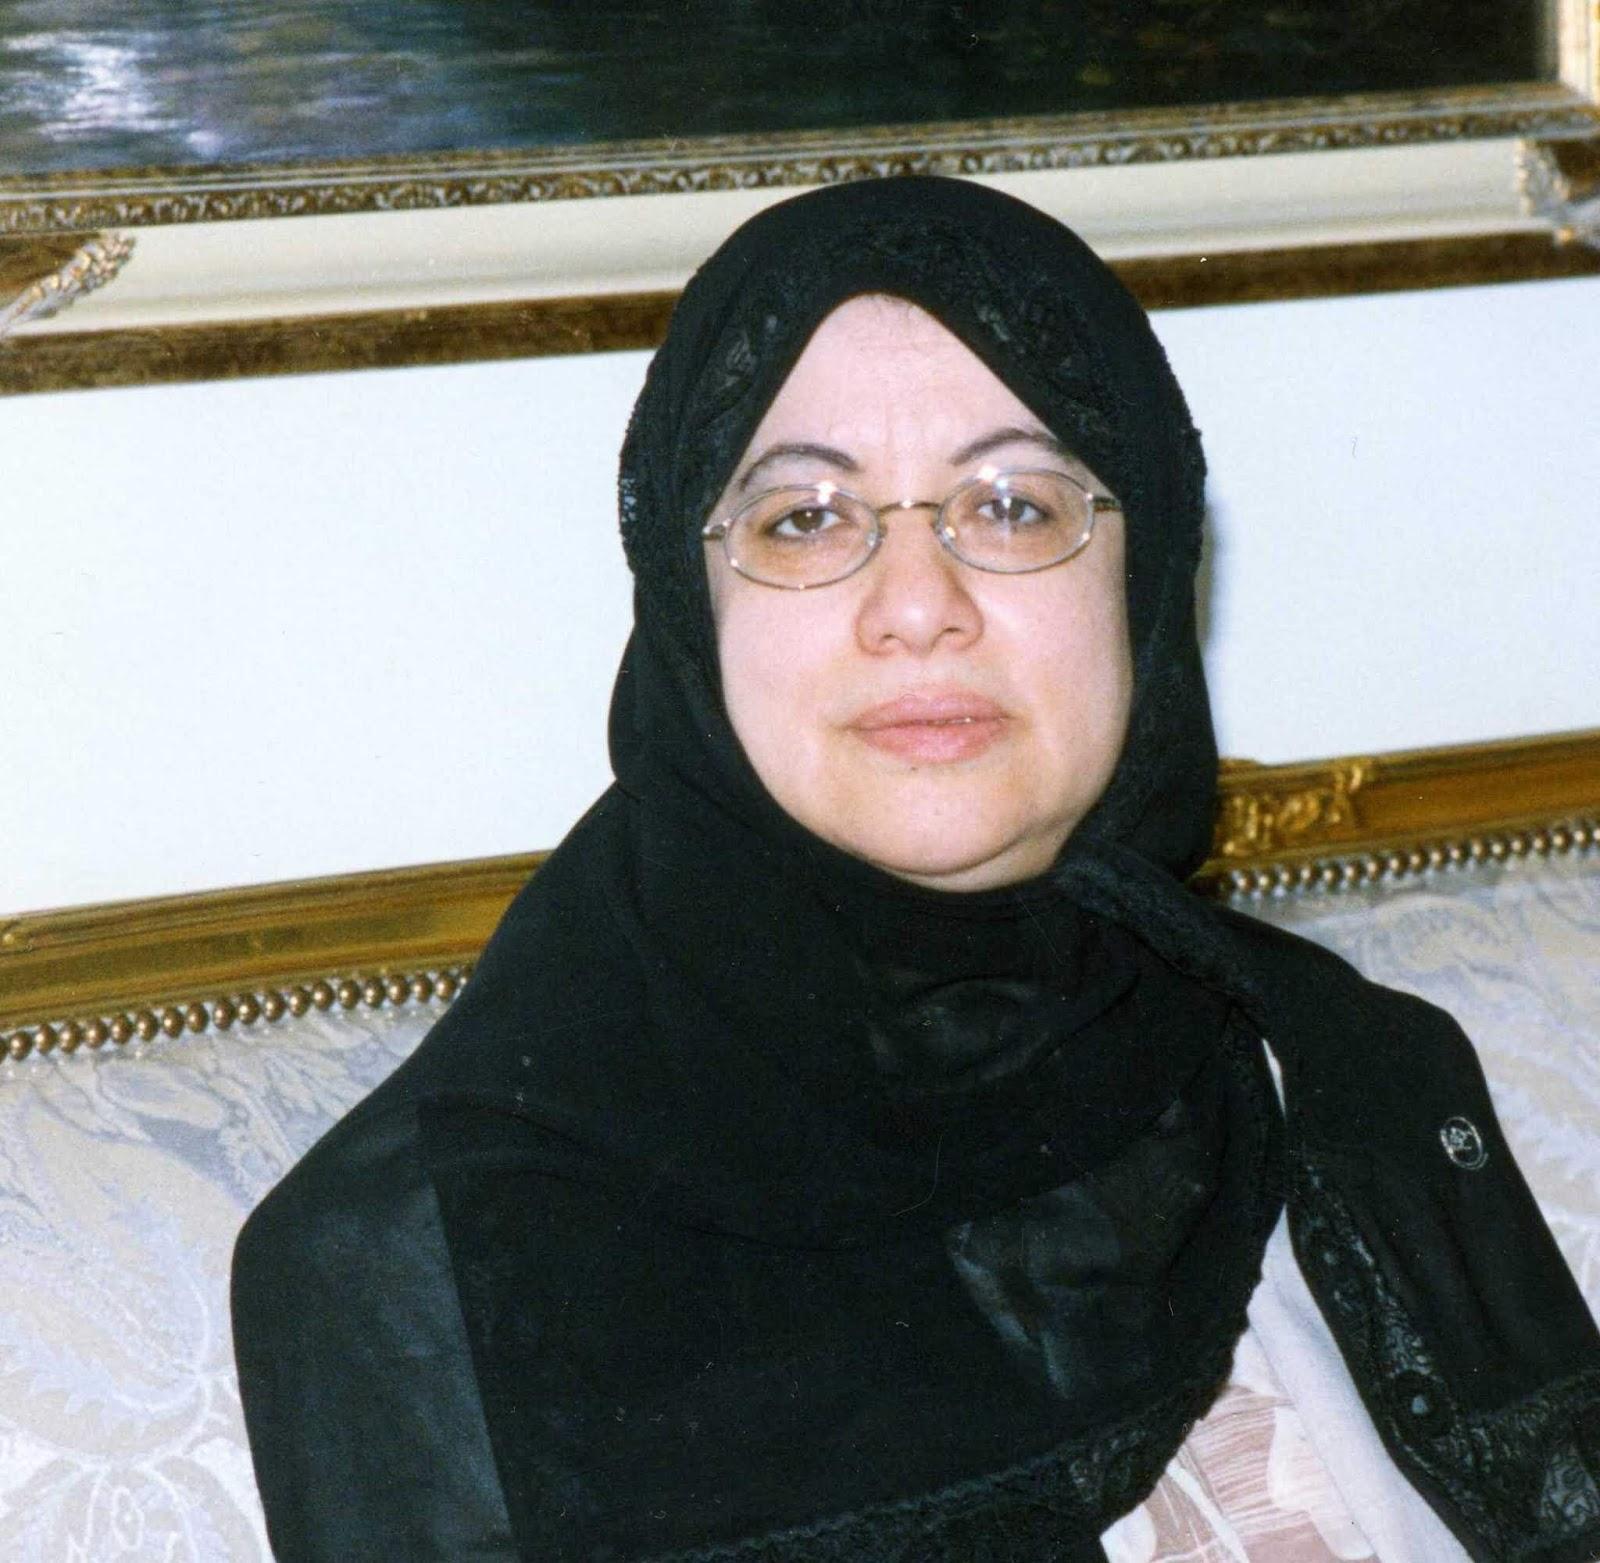 الحضارة الإسلامية في مناهجنا الدراسية(1)